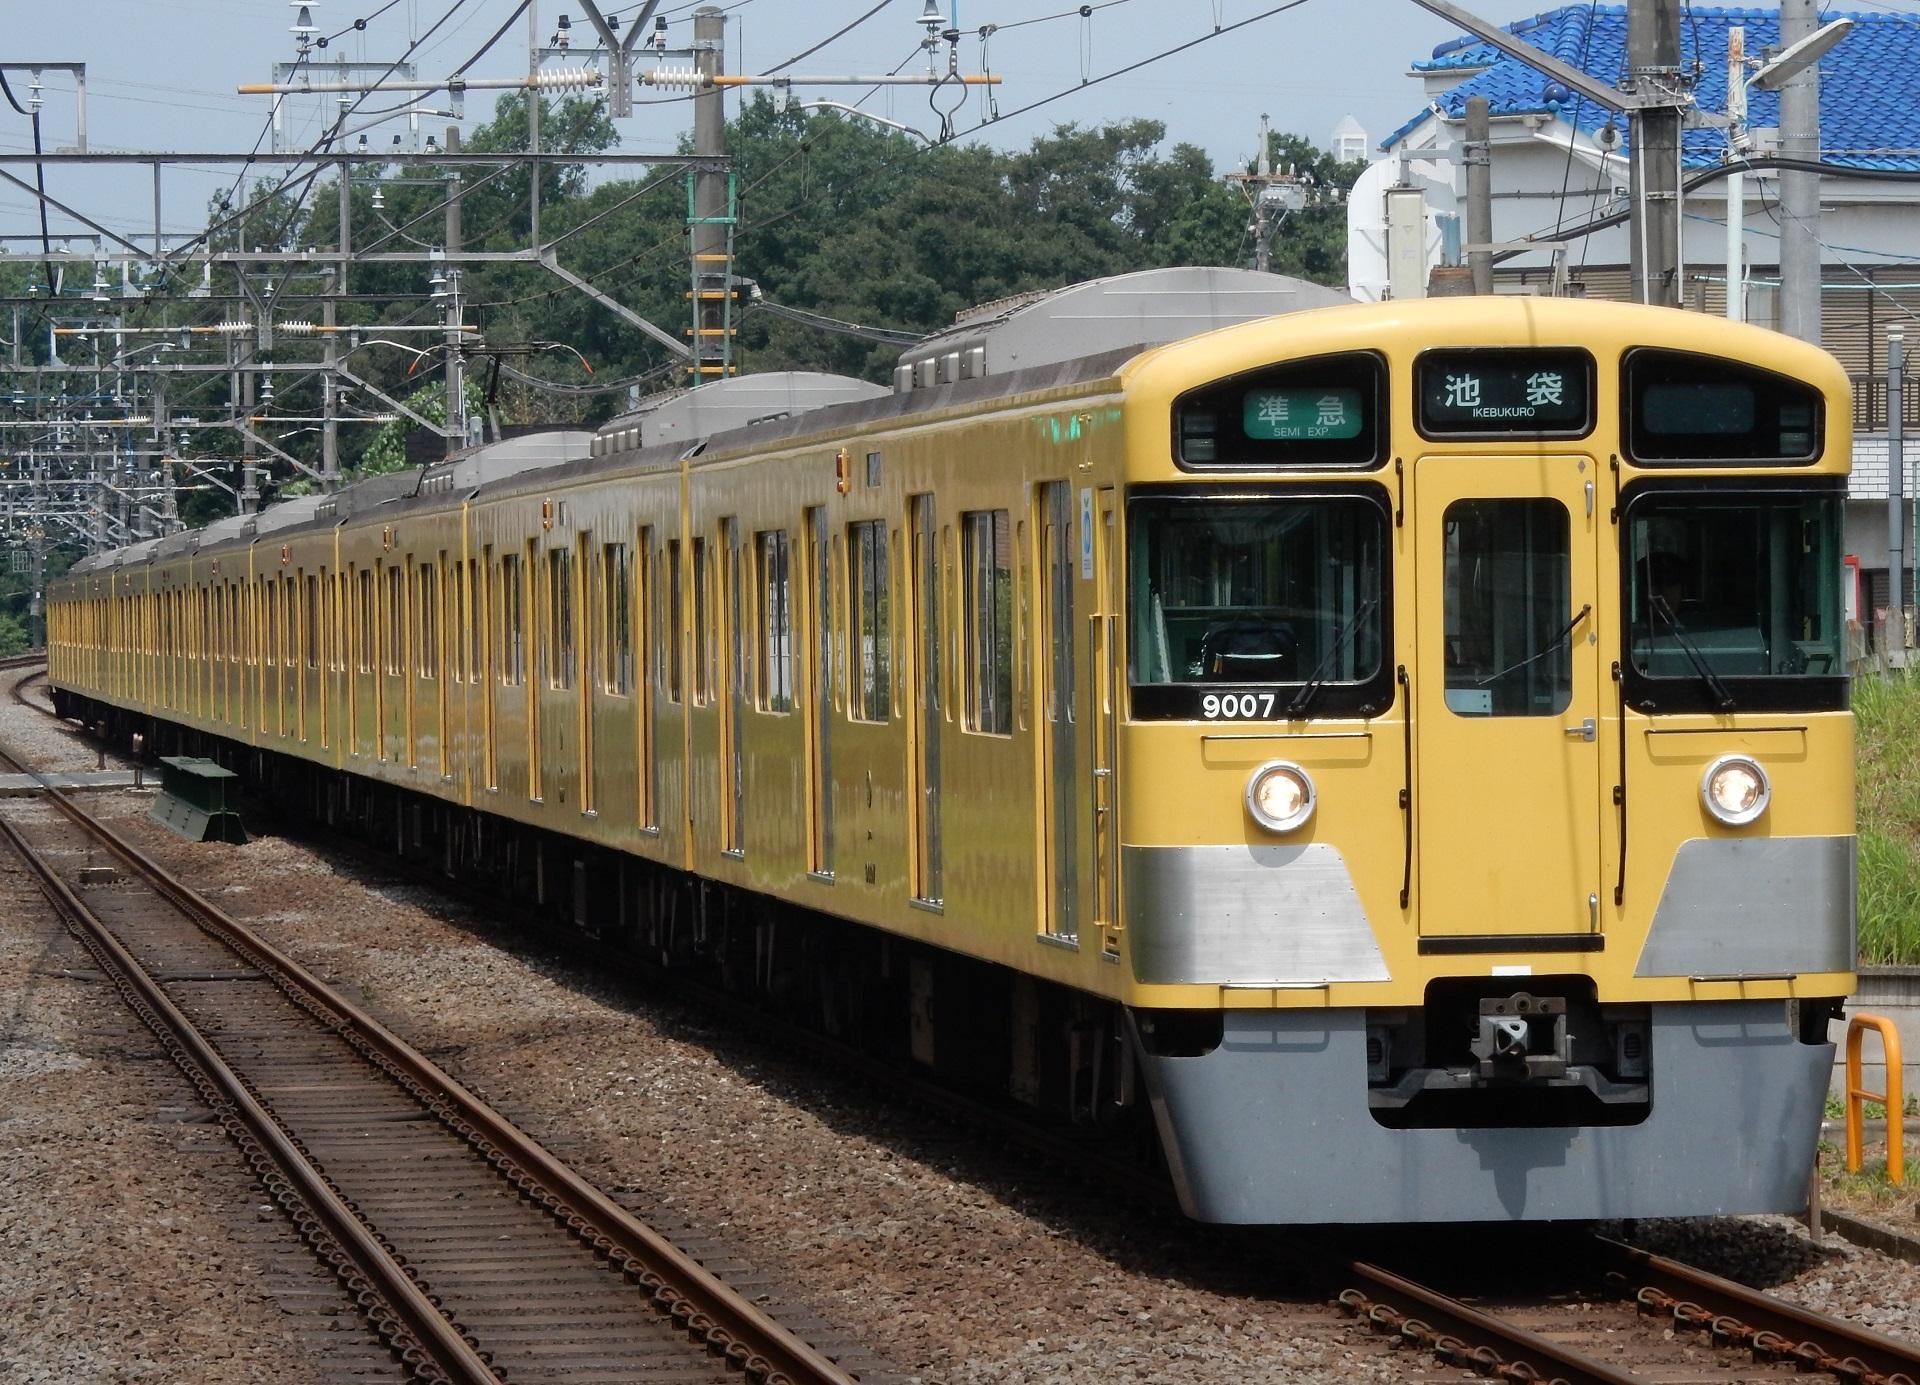 DSCN3244 - コピー